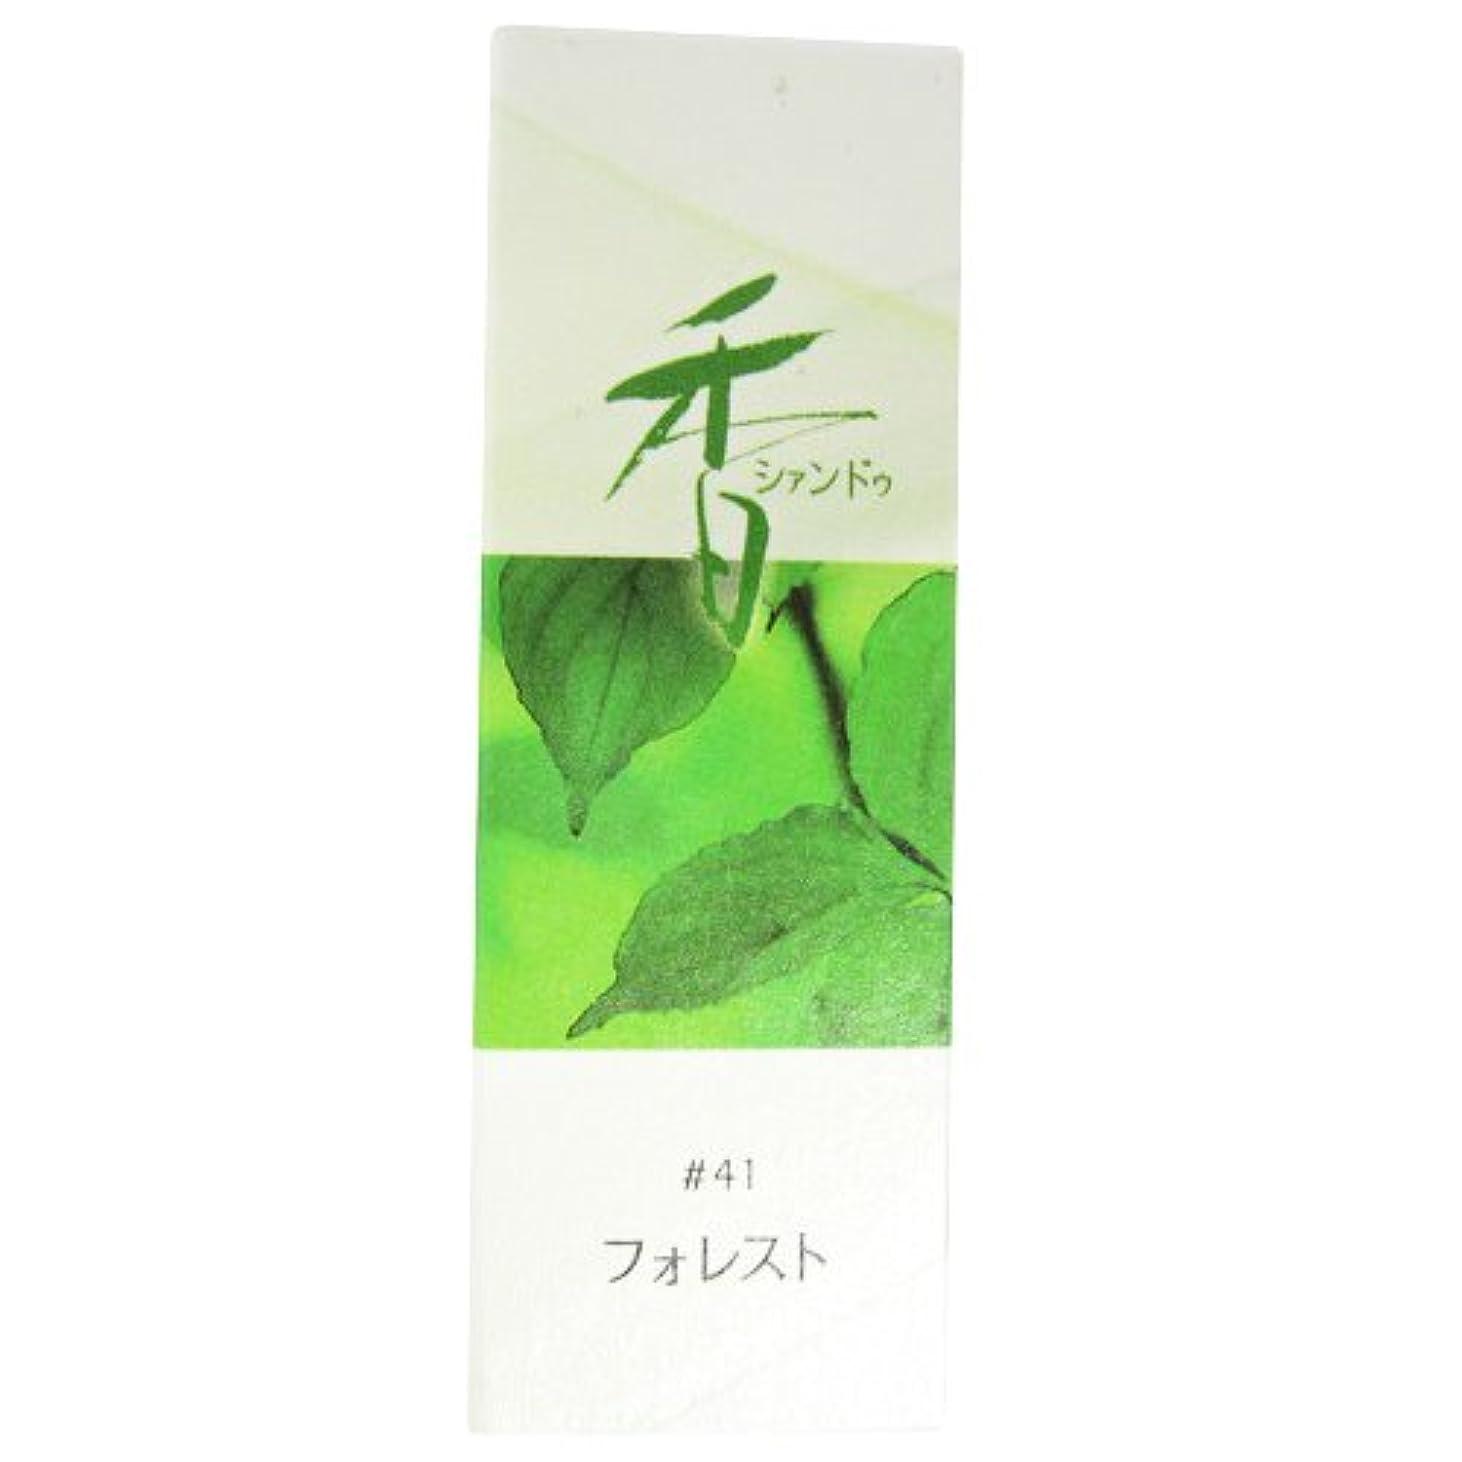 ロードされた適合する刻む松栄堂のお香 Xiang Do フォレスト ST20本入 簡易香立付 #214241